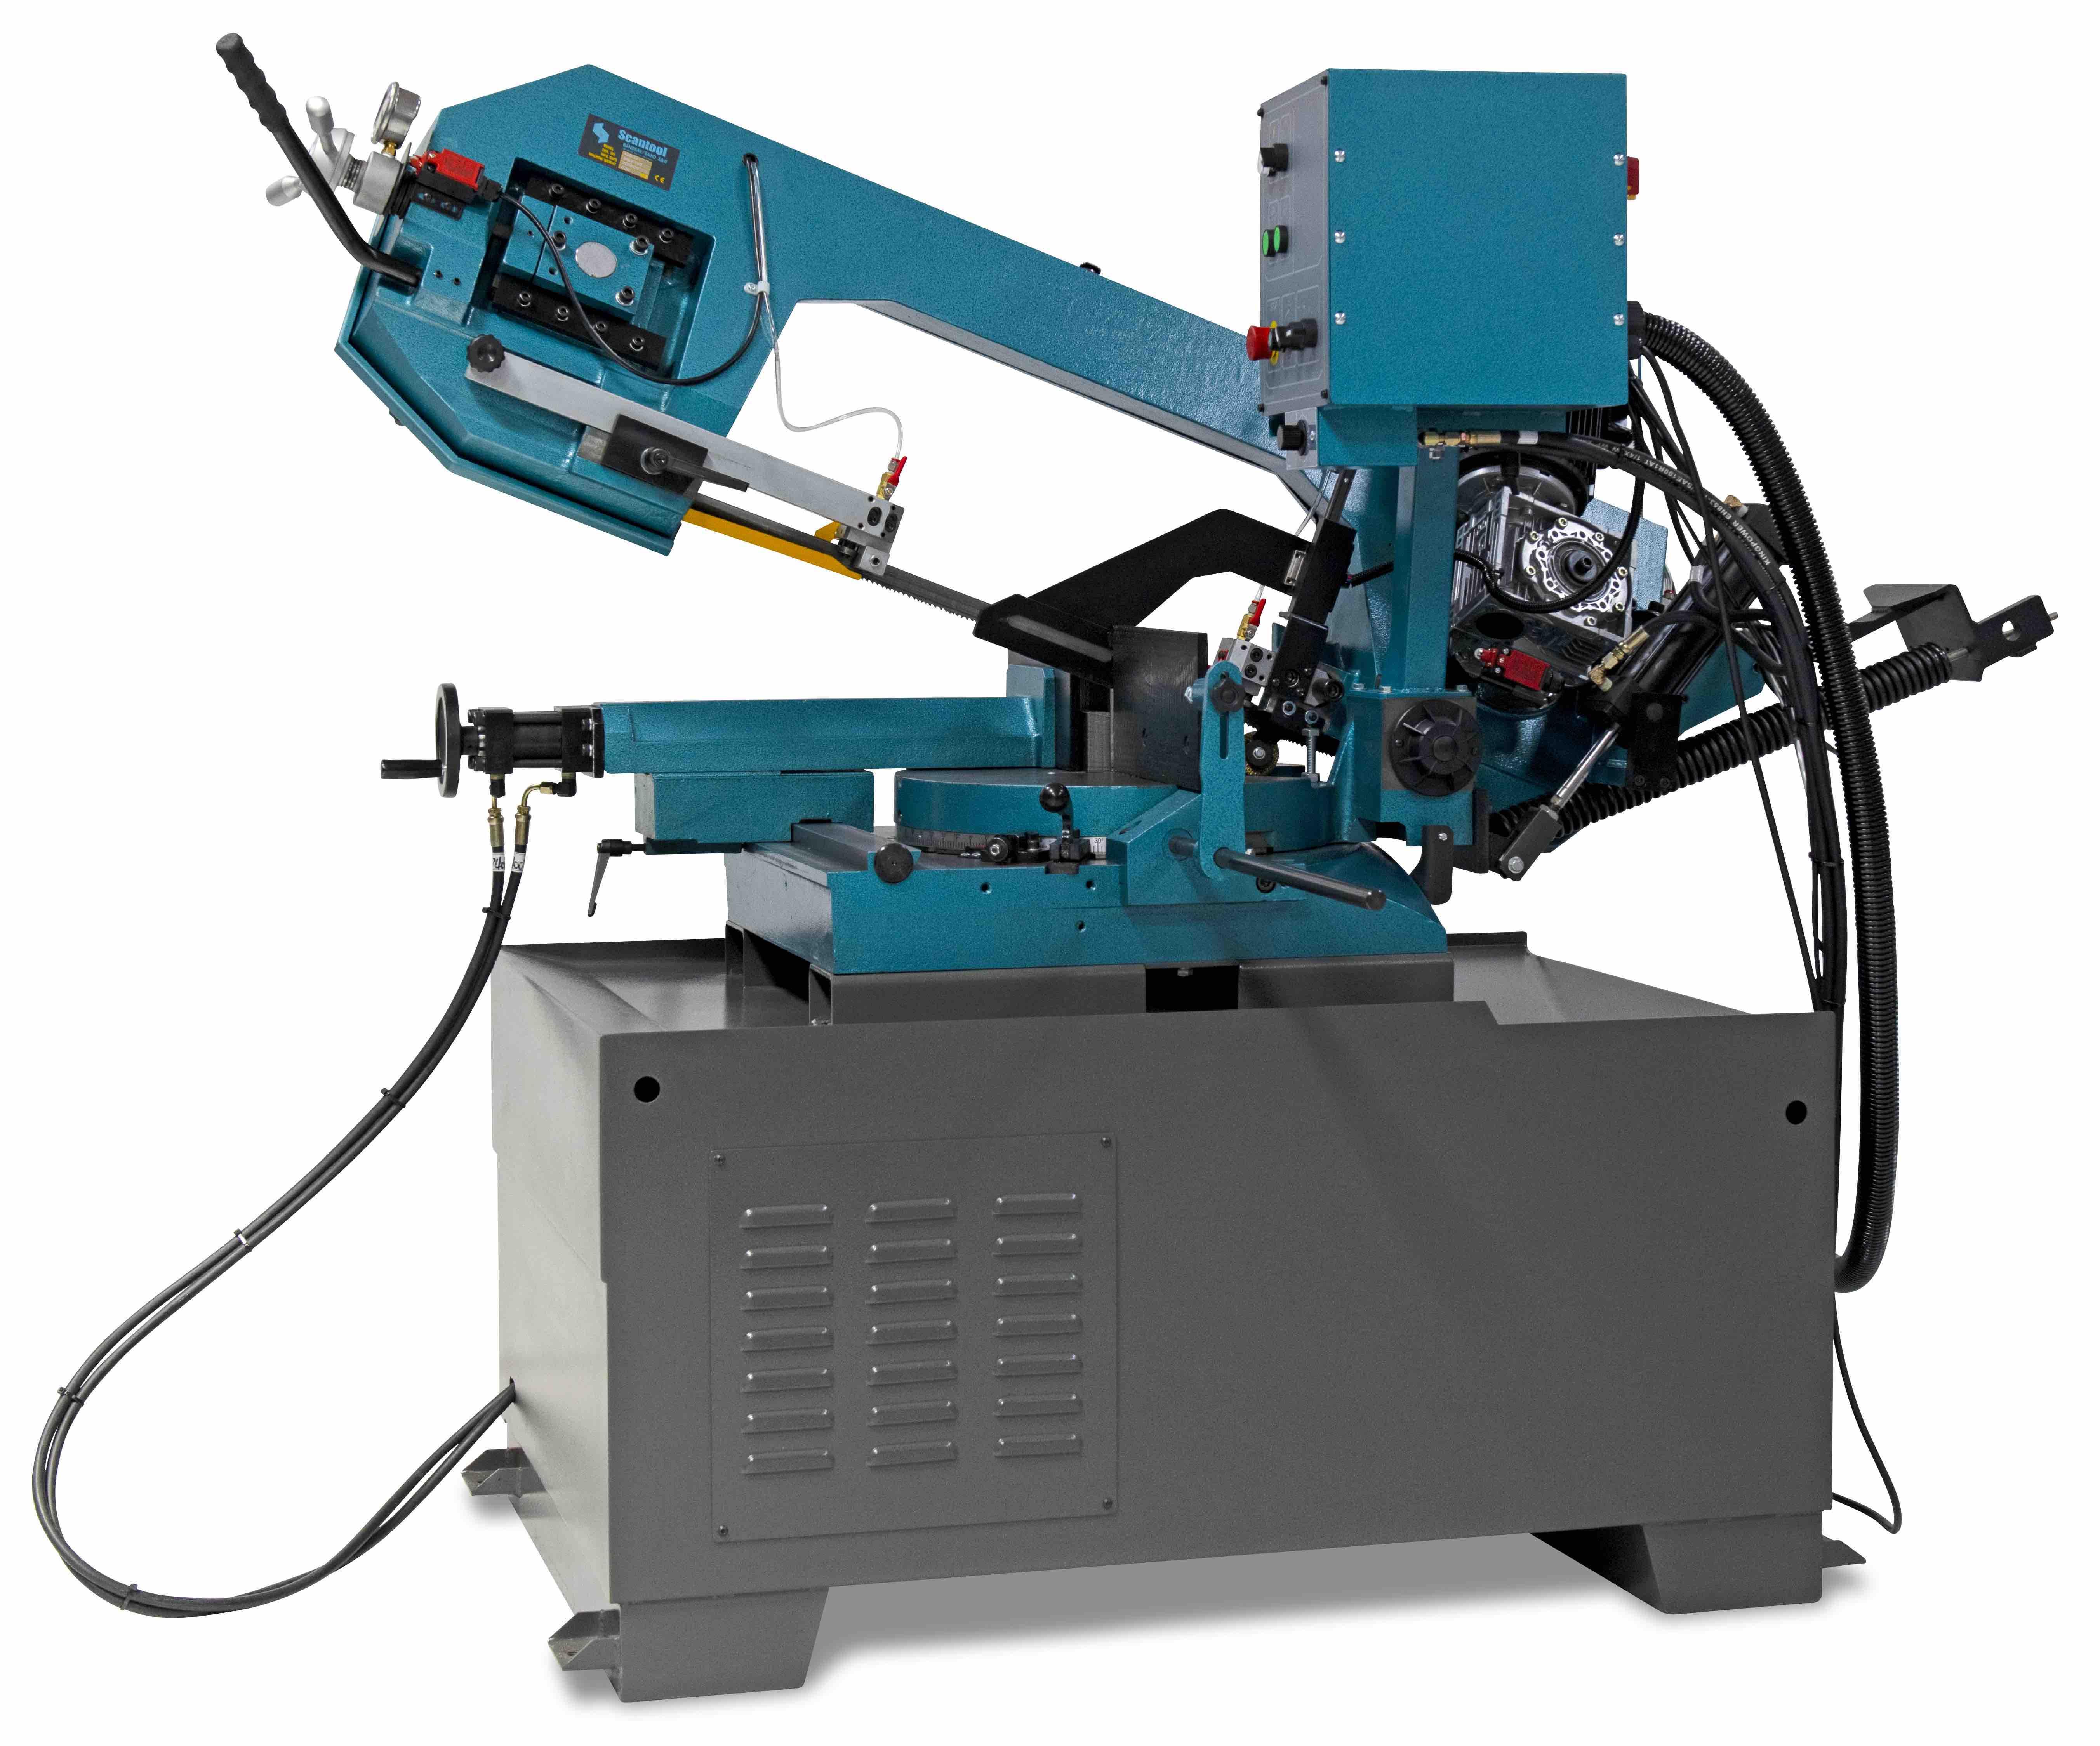 Półautomatyczna przecinarka taśmowa do cięcia metalu pod kątami Scantool Model 420 GSHT